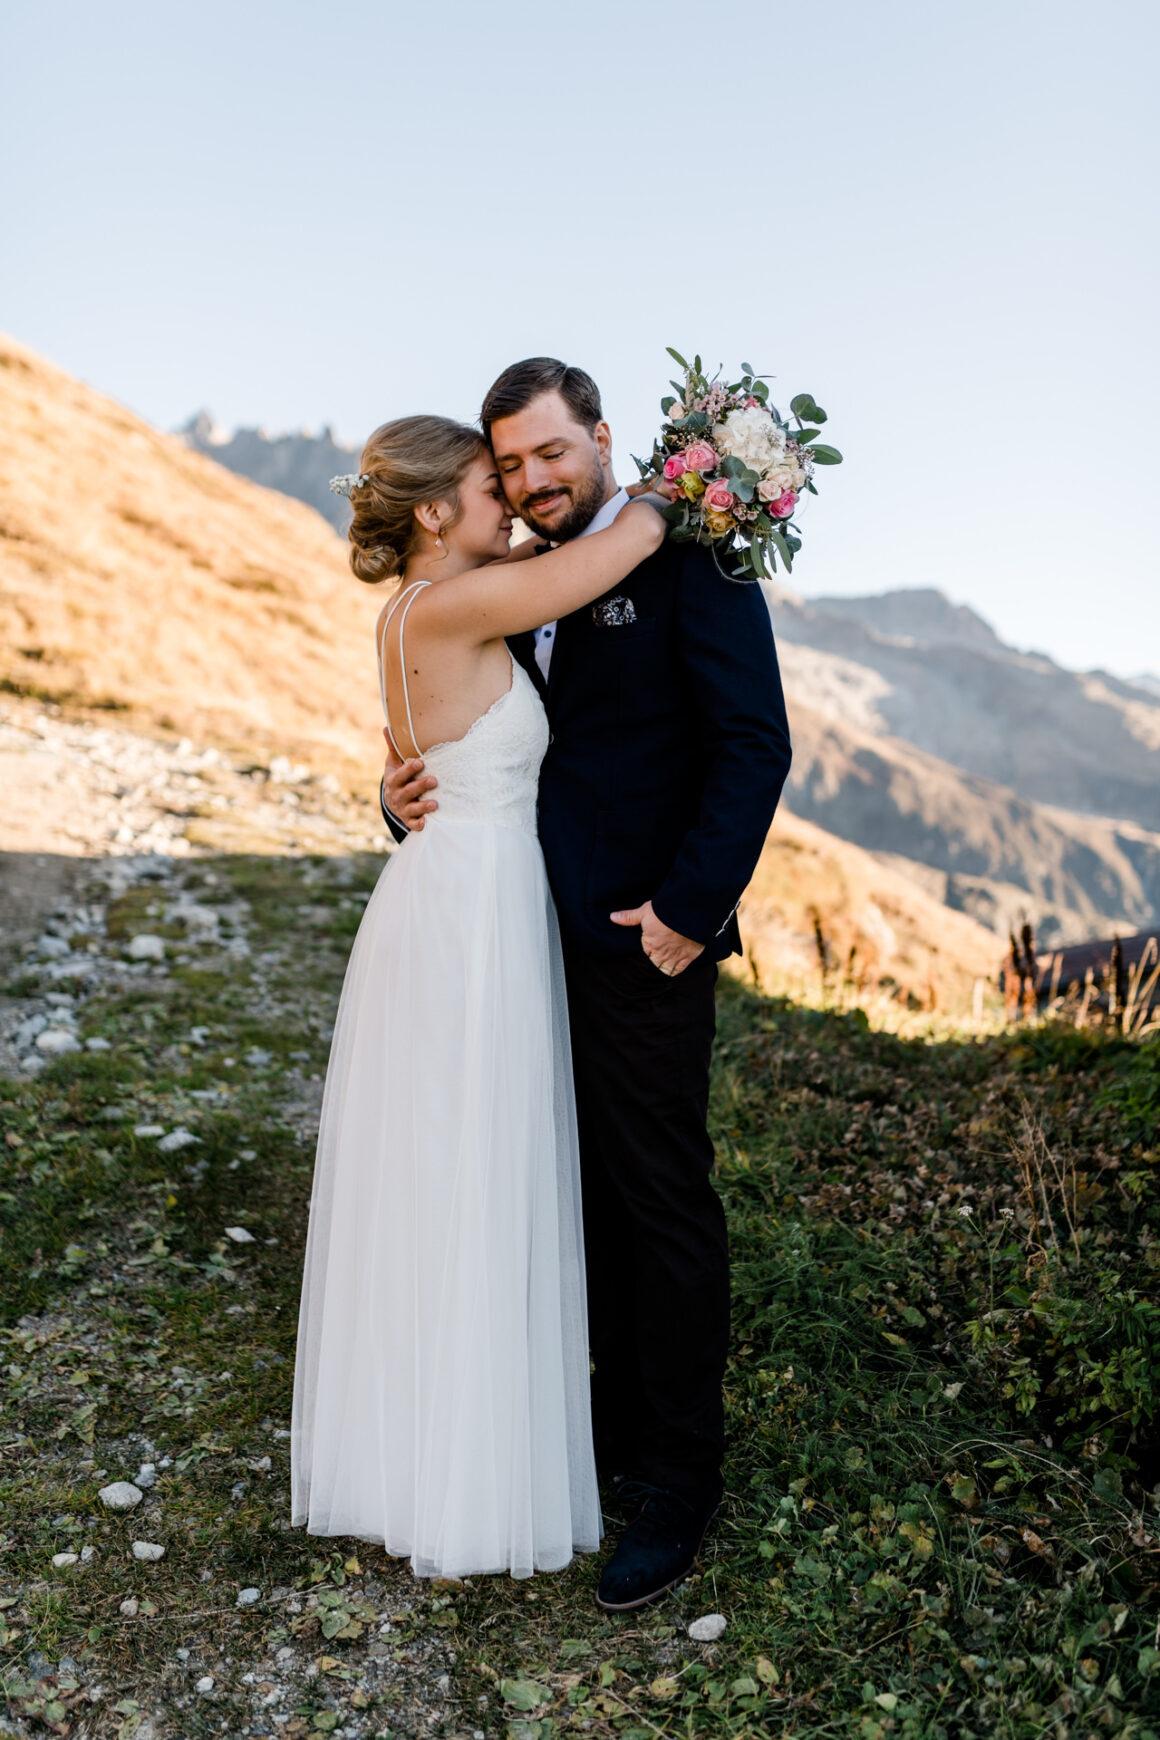 Brautpaar im Hochzeitskleid und Hochzeitsanzug beim Paarshooting bei einer romantischen Berghochzeit auf der Belalp in den Schweizer Bergen